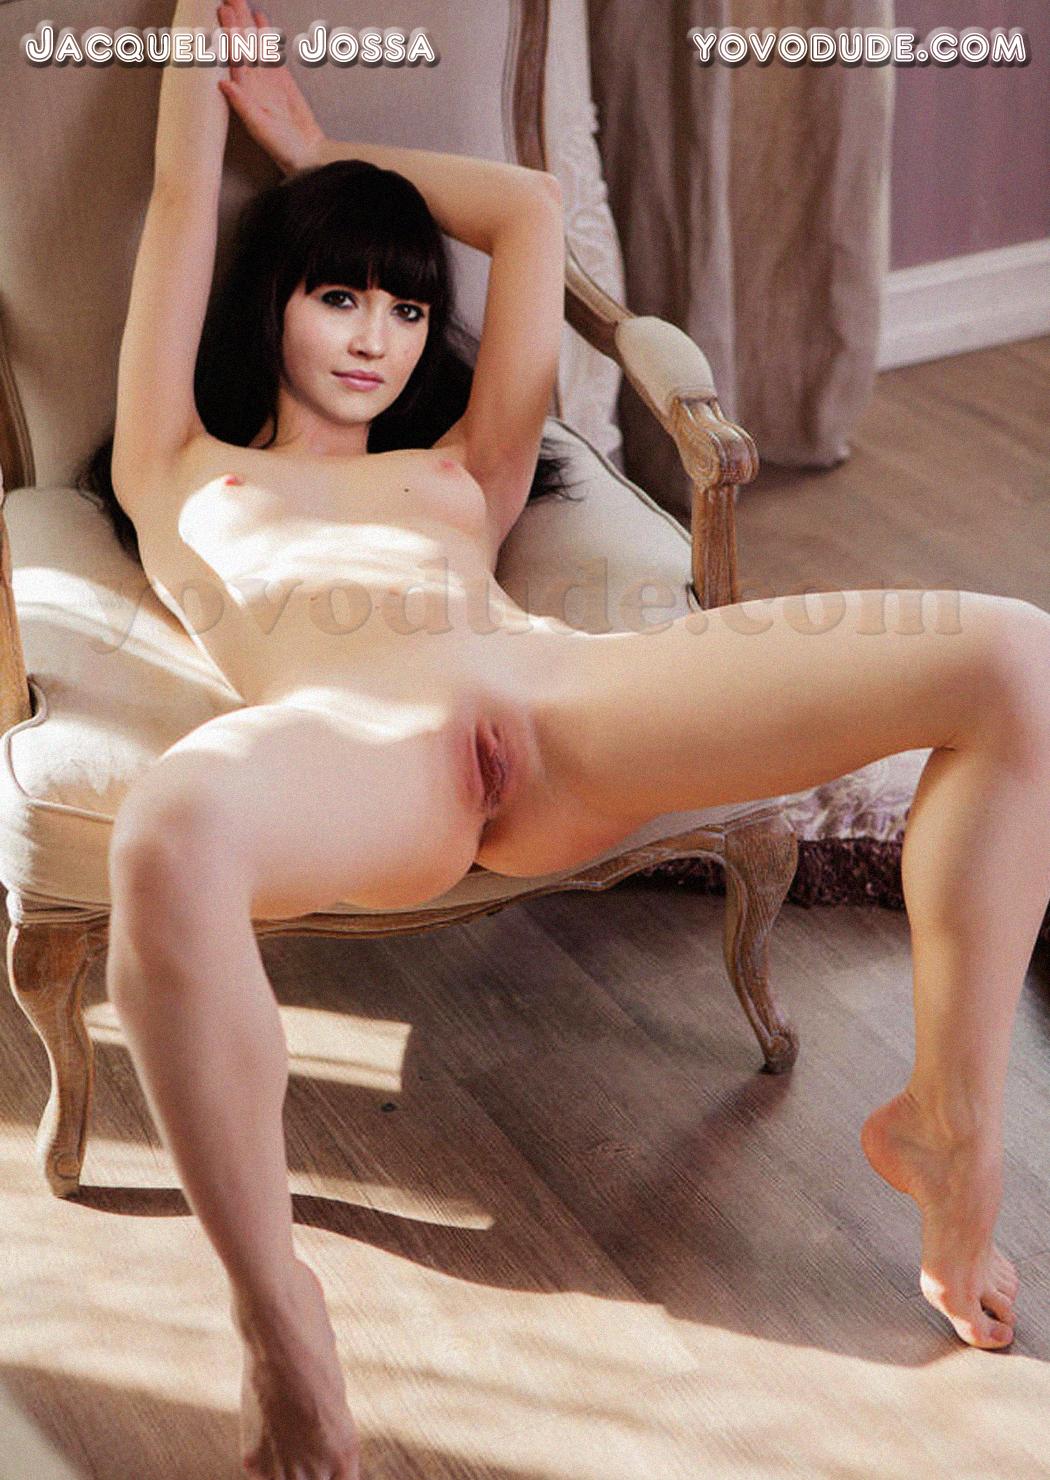 Смотреть картинки про секс чтоб прям возбуждала 28 фотография